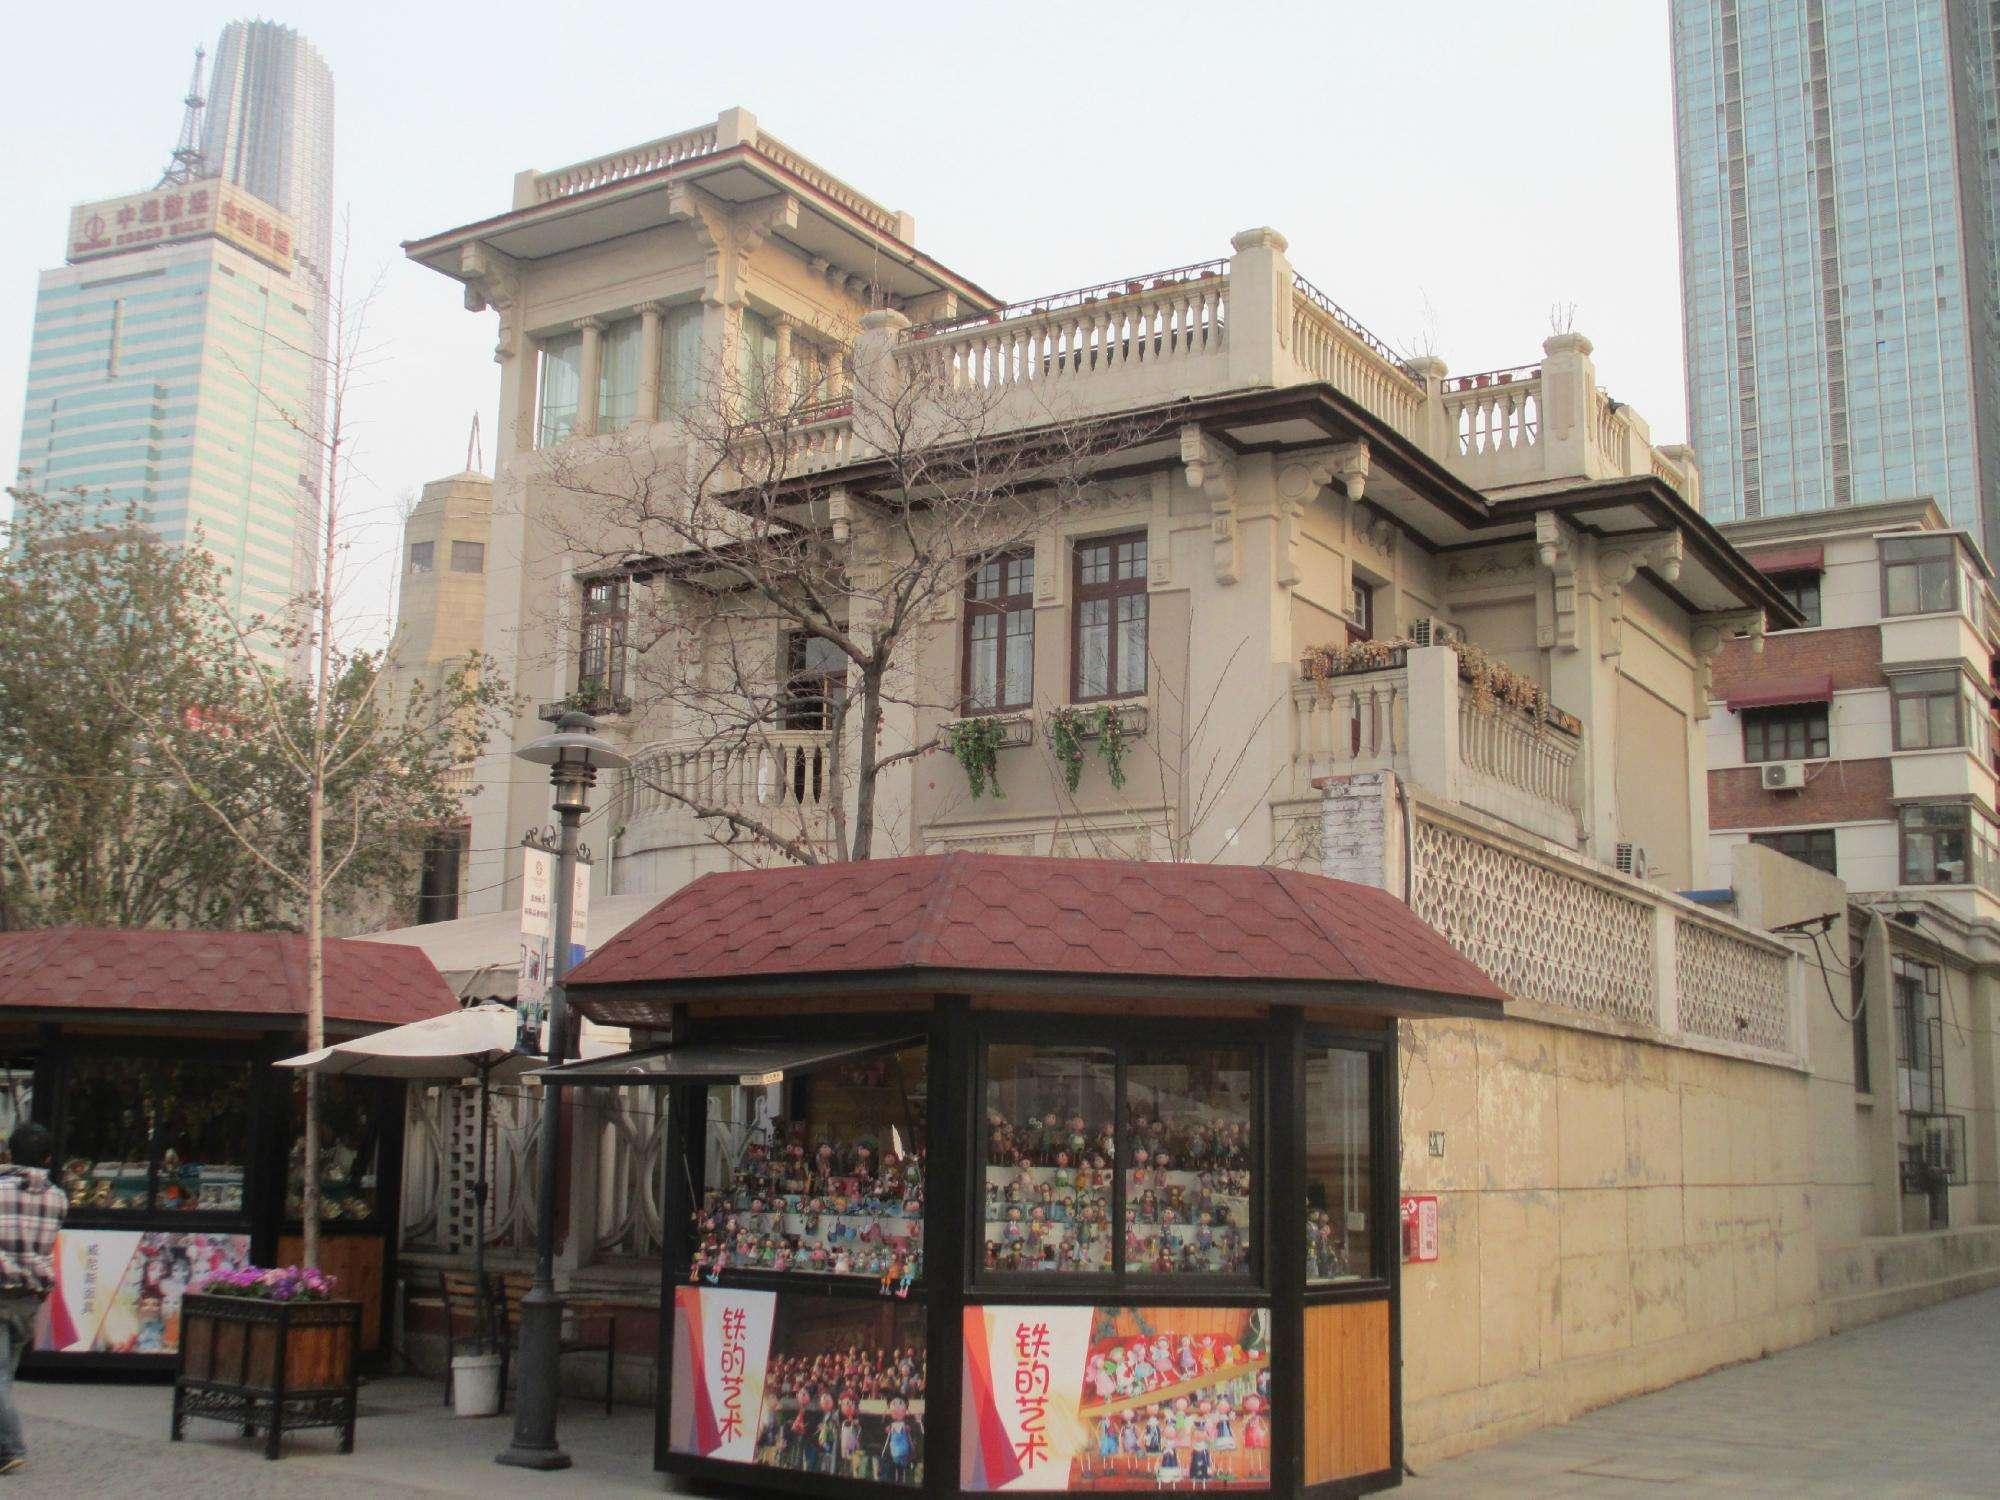 推薦《皇城全覽》北京、承德、天津、古北水鎮8日      (義大利風情街、司馬台長城、小布達拉宮)無購物